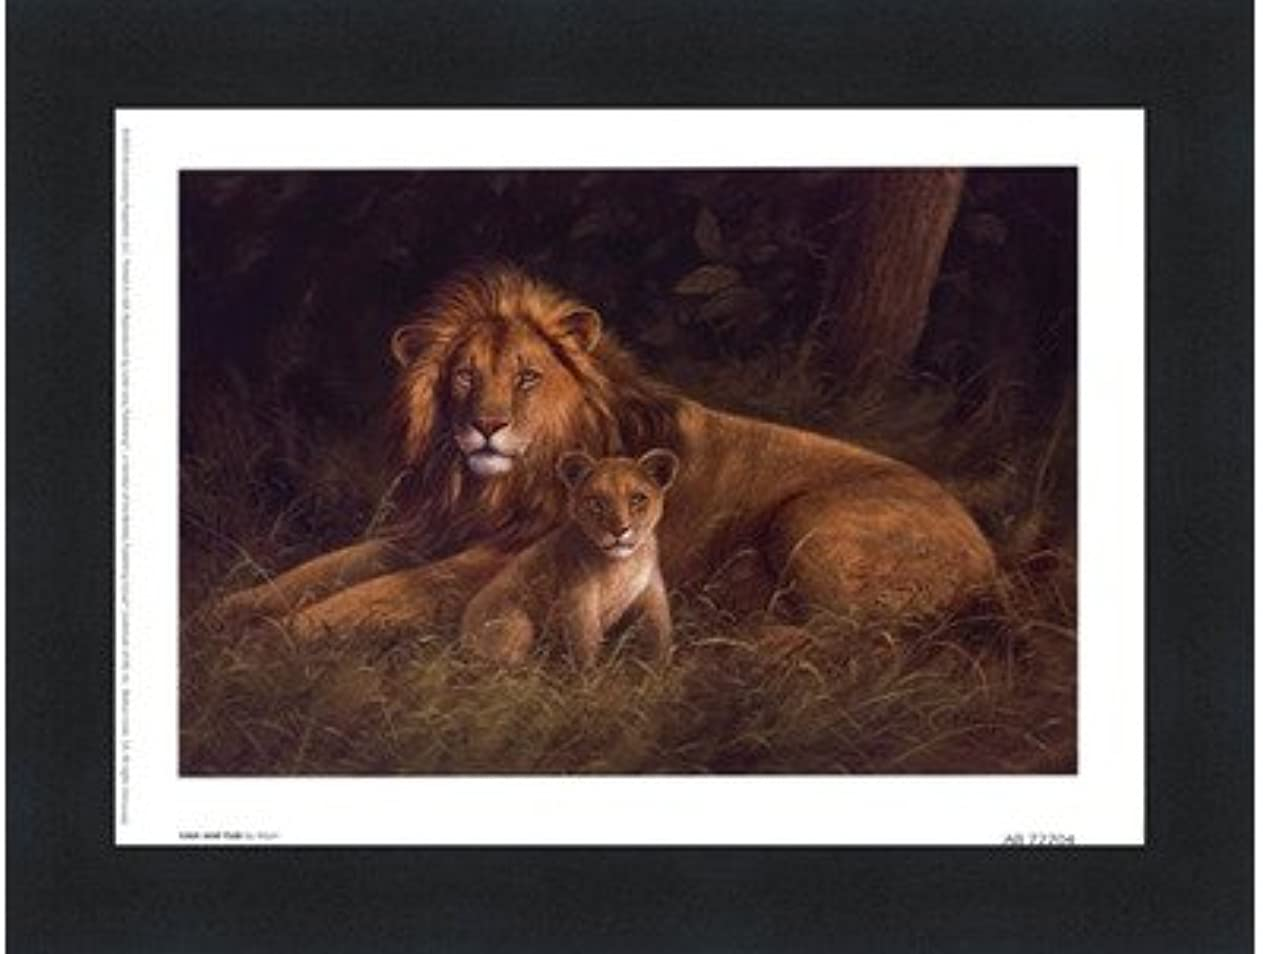 好み鹿ほぼLion and Cub by Kilian – 8 x 6インチ – アートプリントポスター LE_66922-F101-8x6